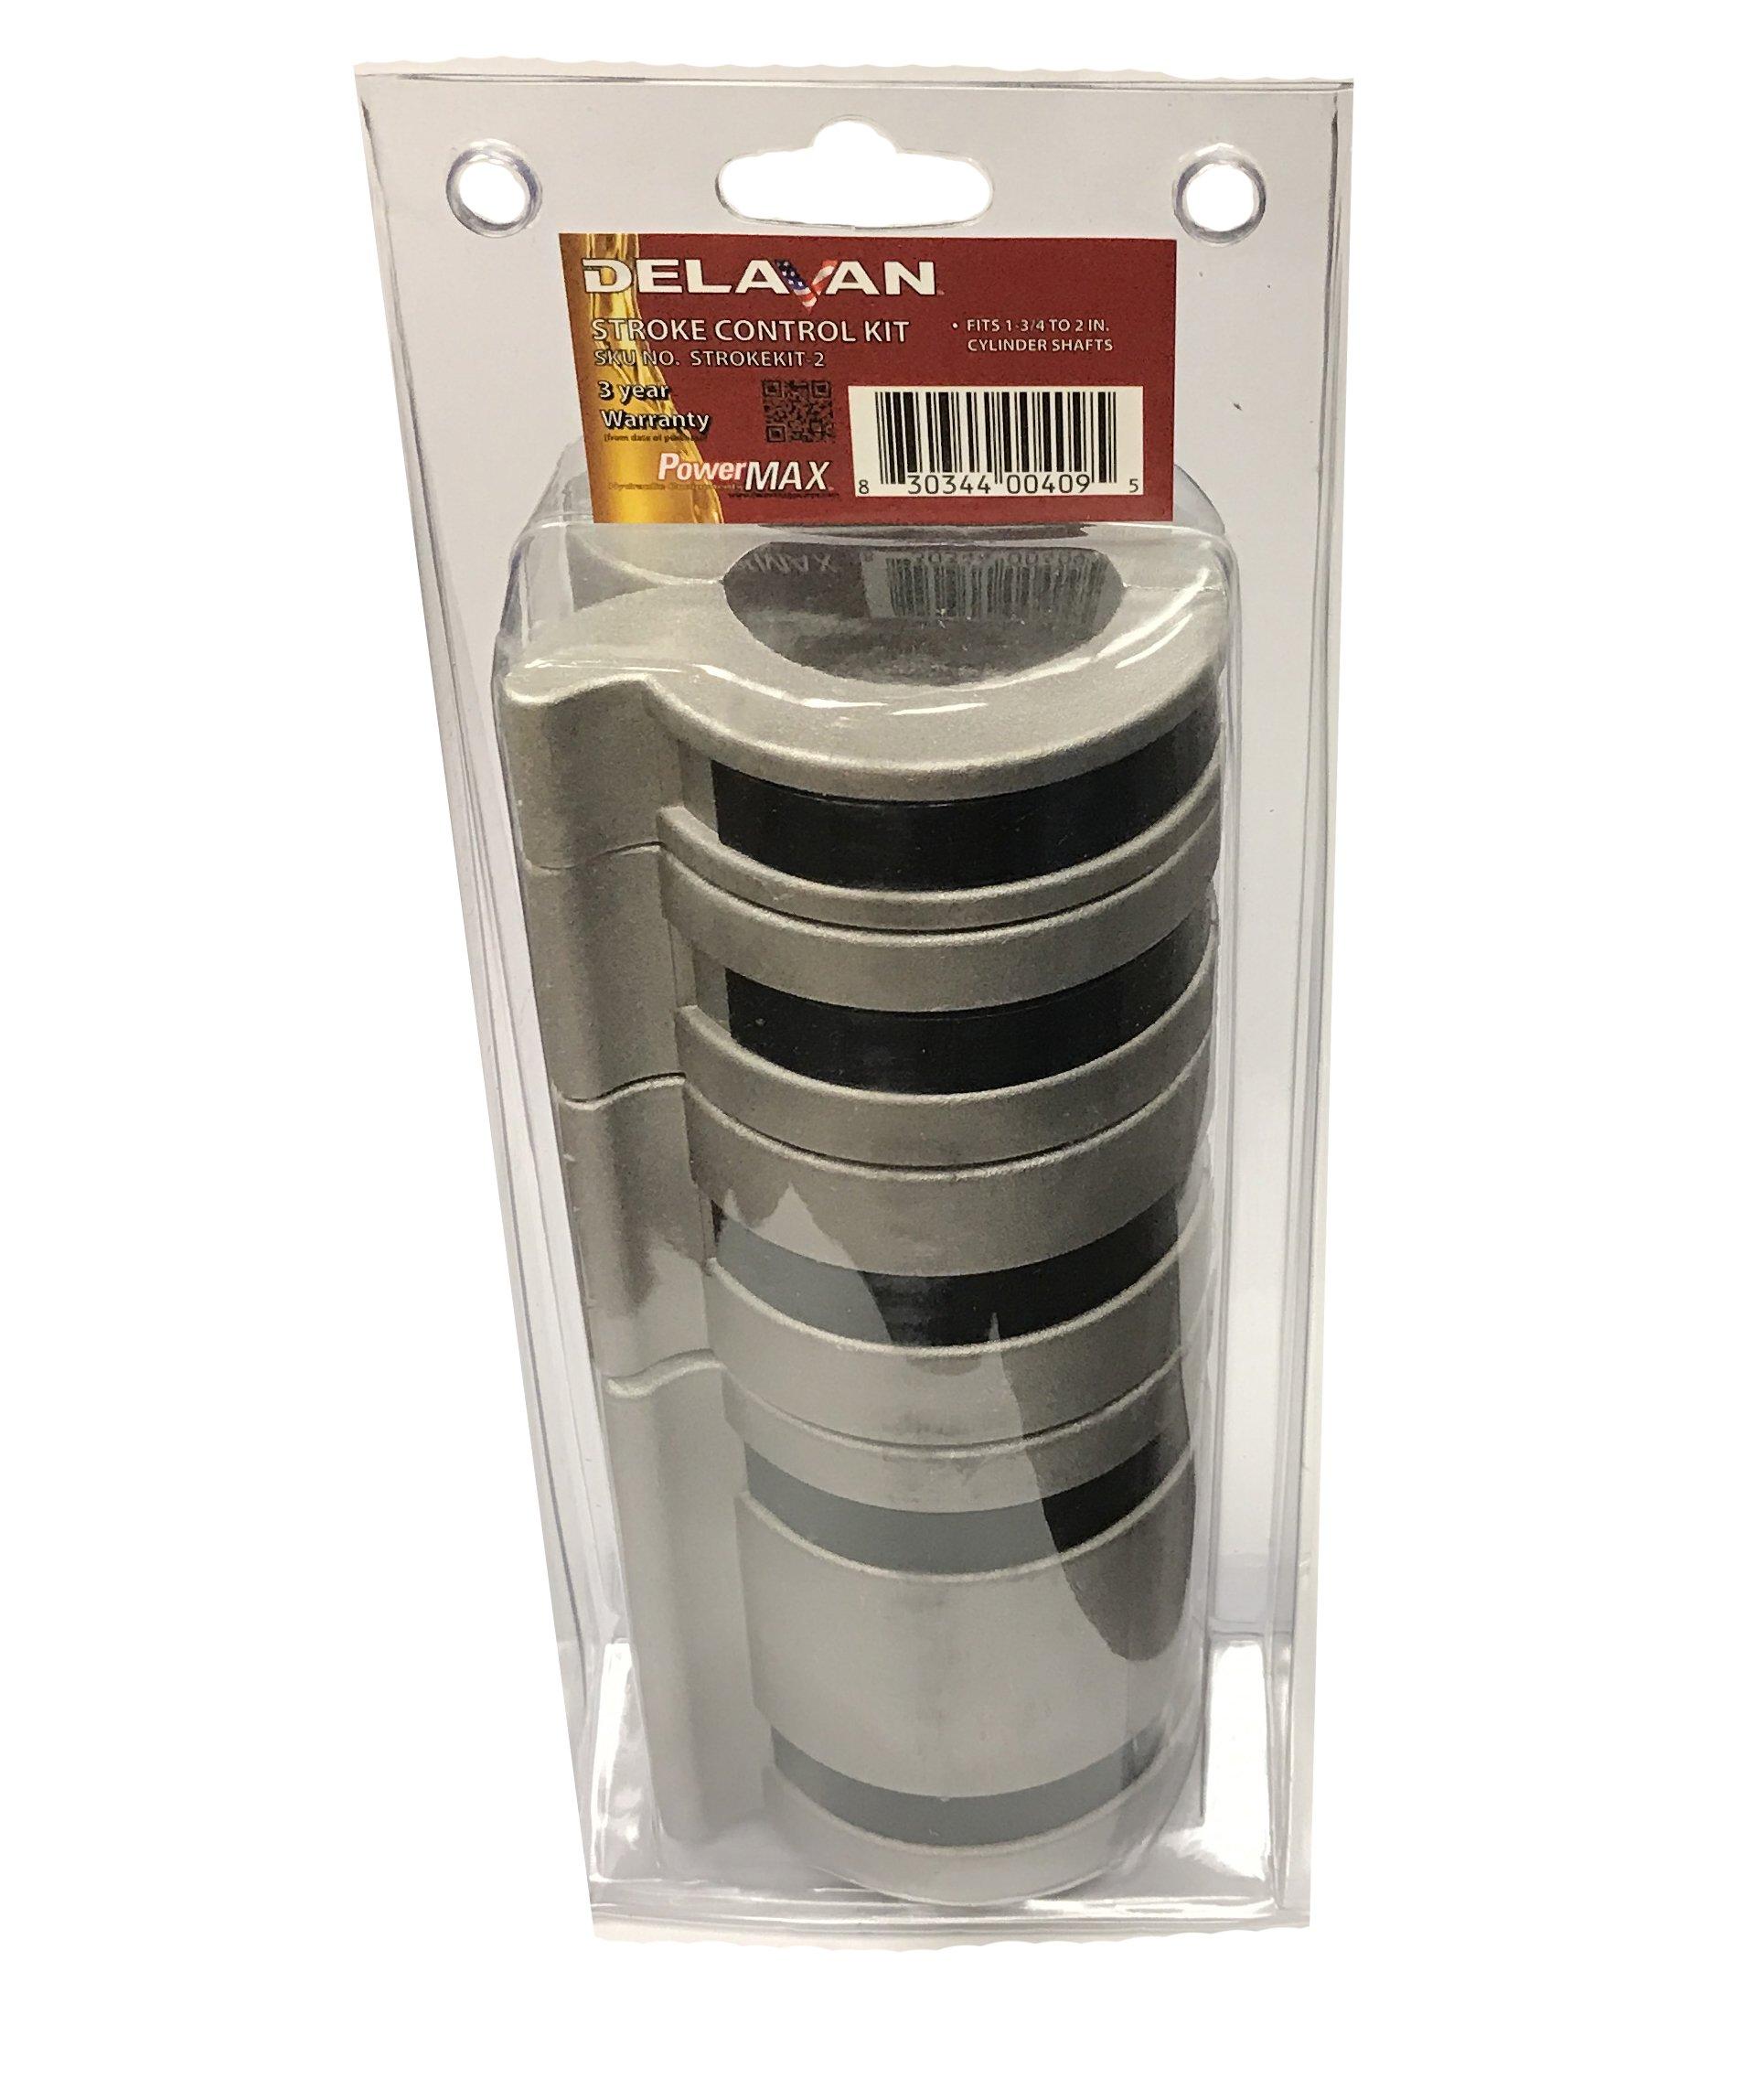 Delavan PowerMAX Stroke Control Kit 2 Fits 1-3/4'' to 2'' Cylinder Shafts